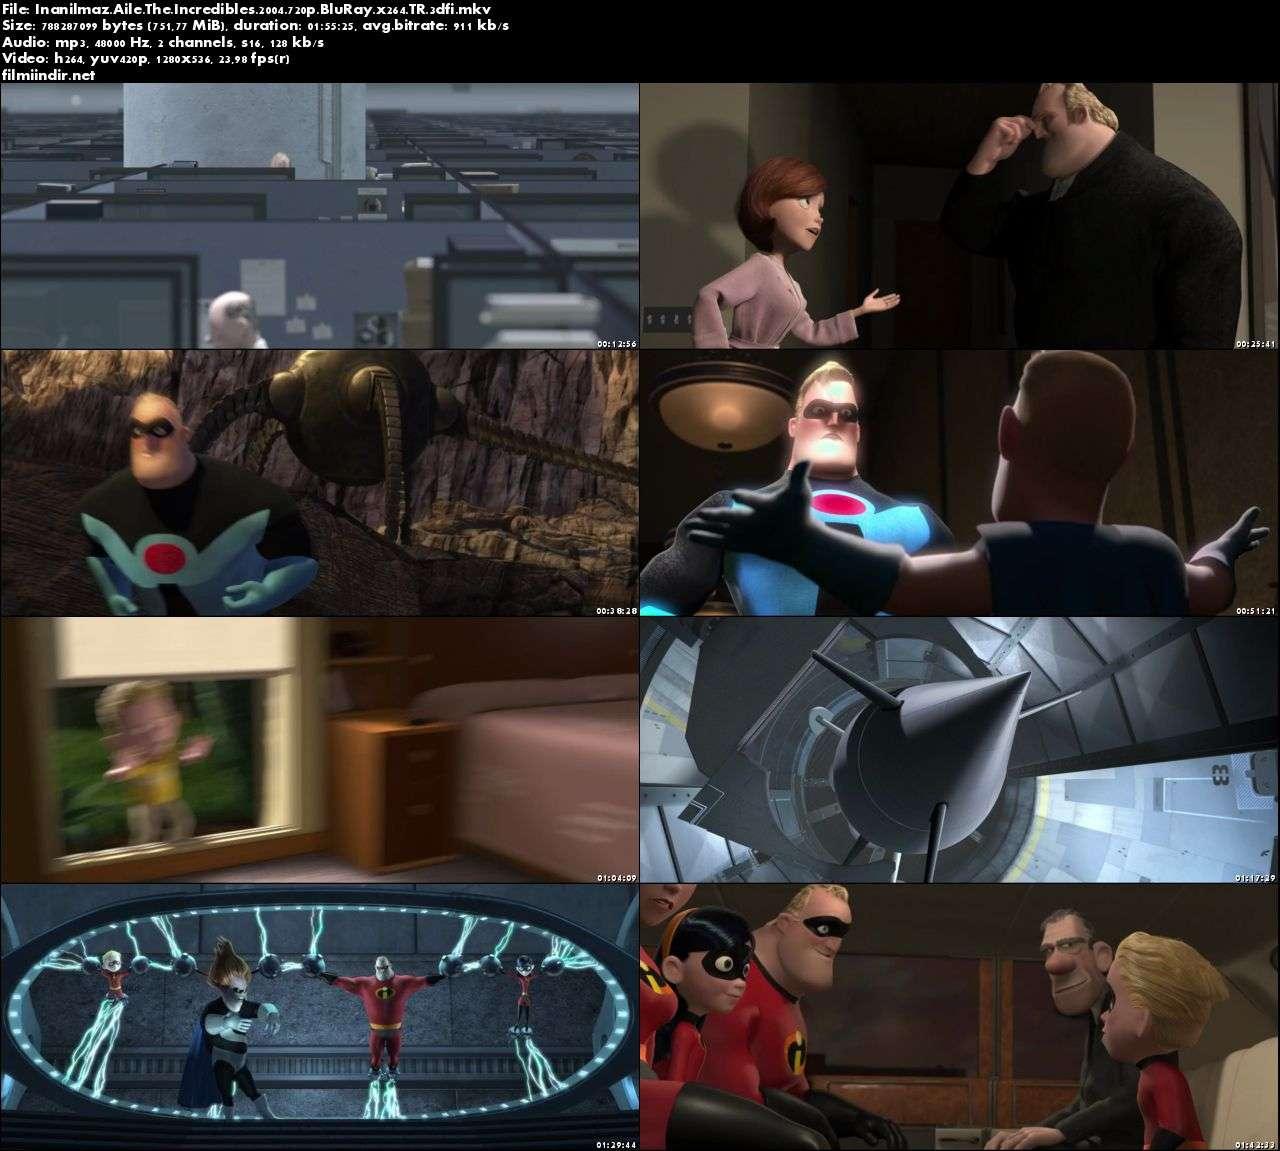 İnanılmaz Aile - The Incredibles (2004) türkçe dublaj film indir